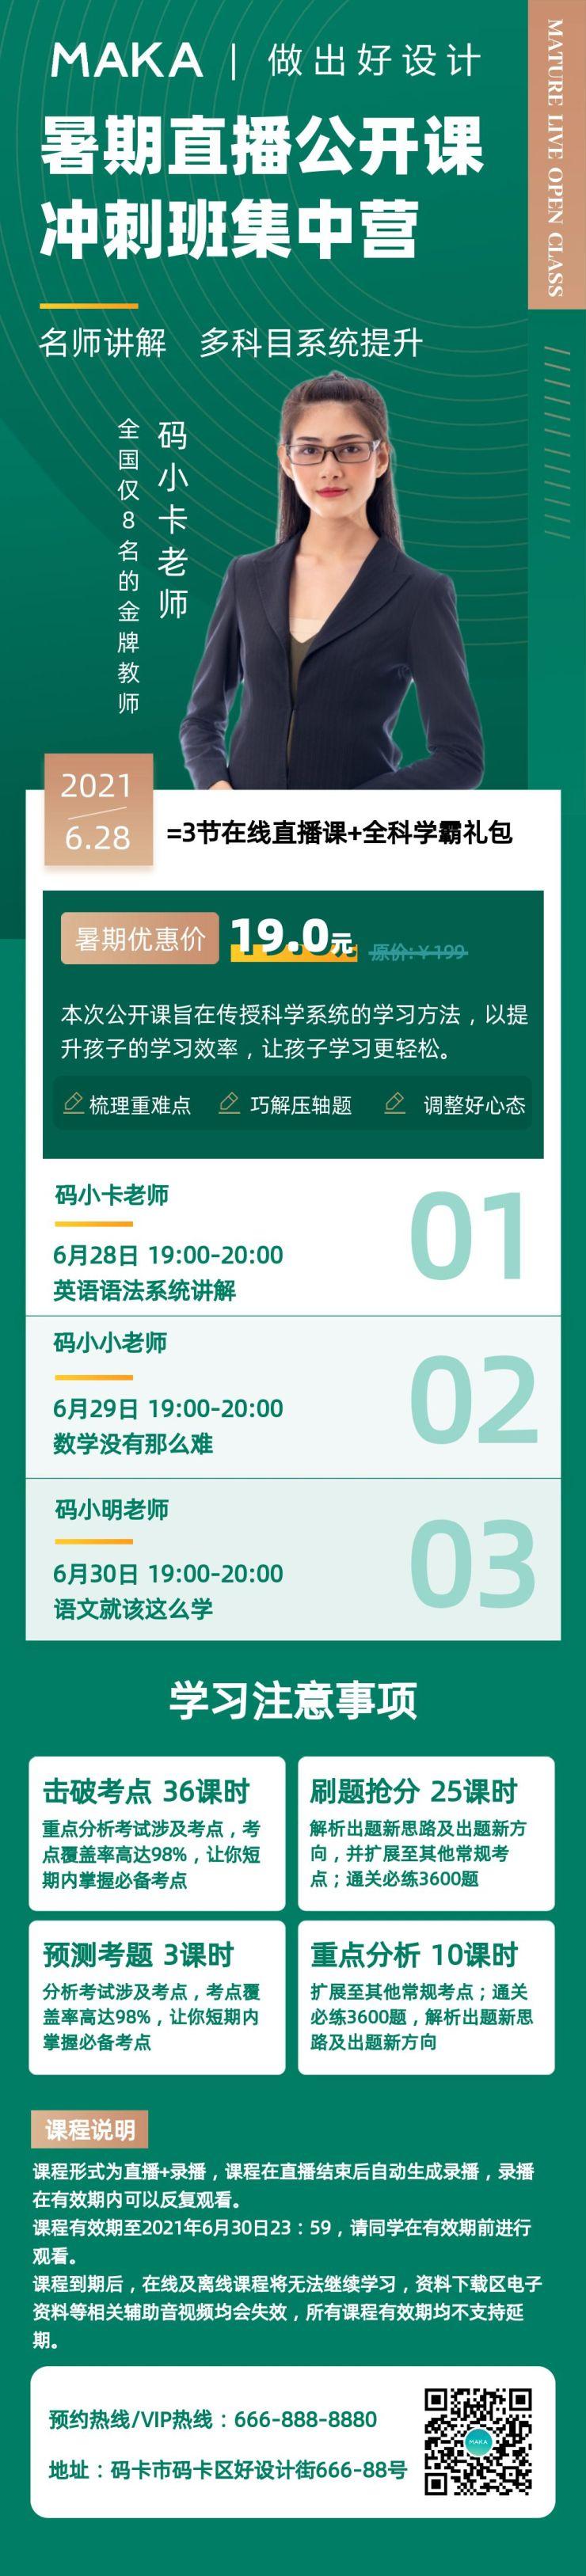 绿色简约风暑期直播公开课宣传长图